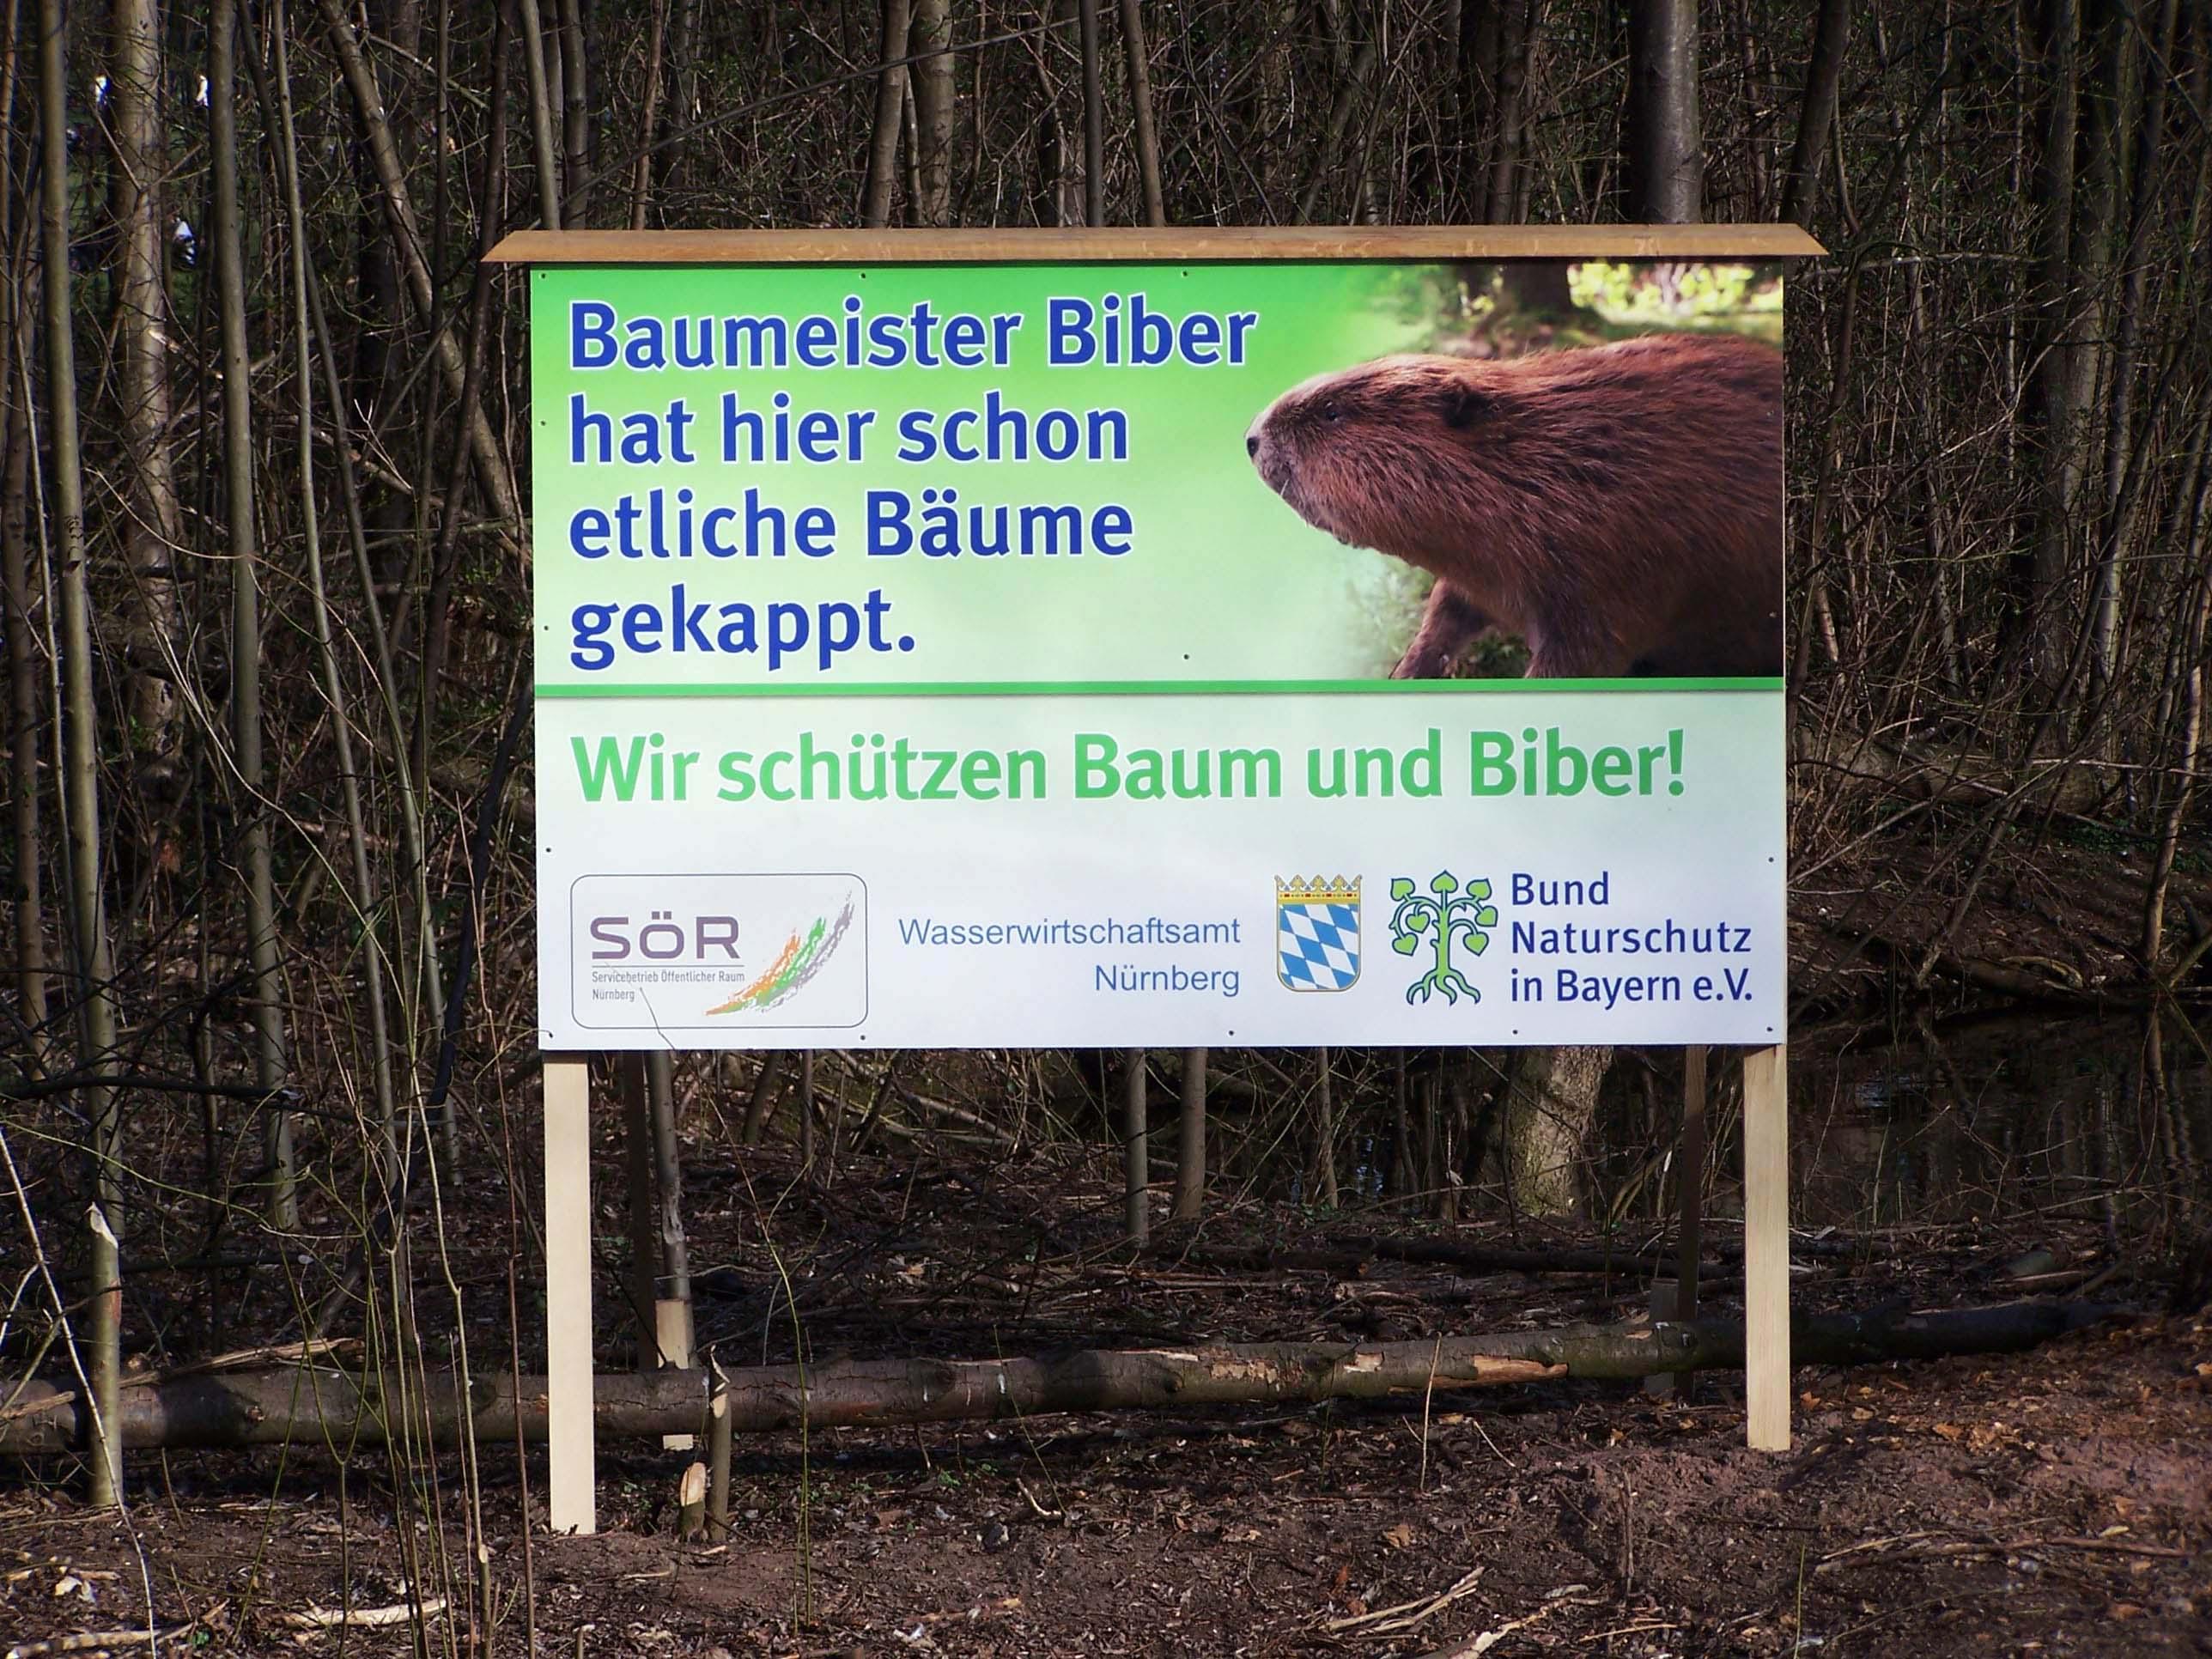 Baumeister Biber hat hier schon etliche Bäume gekappt. Wir schützen Baum und Biber!